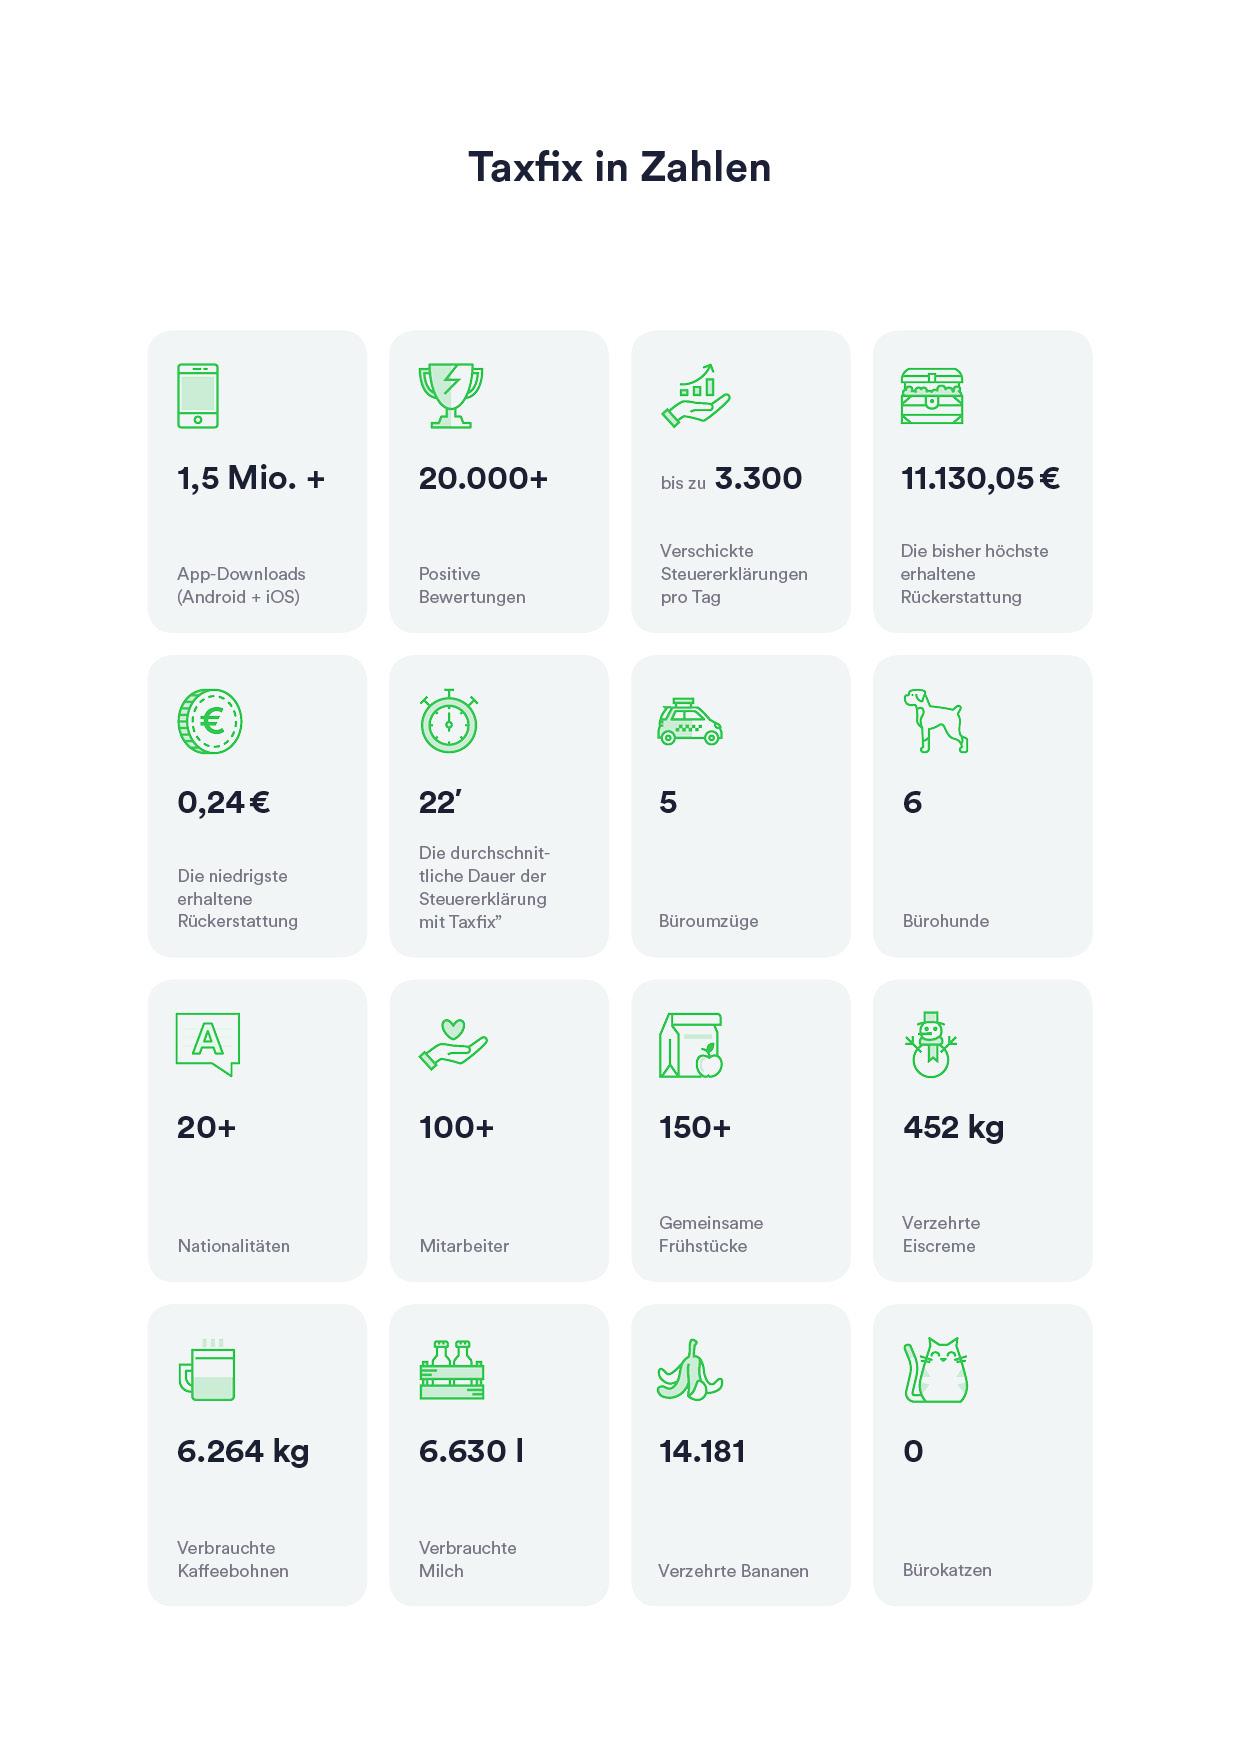 Taxfix-Zahlen